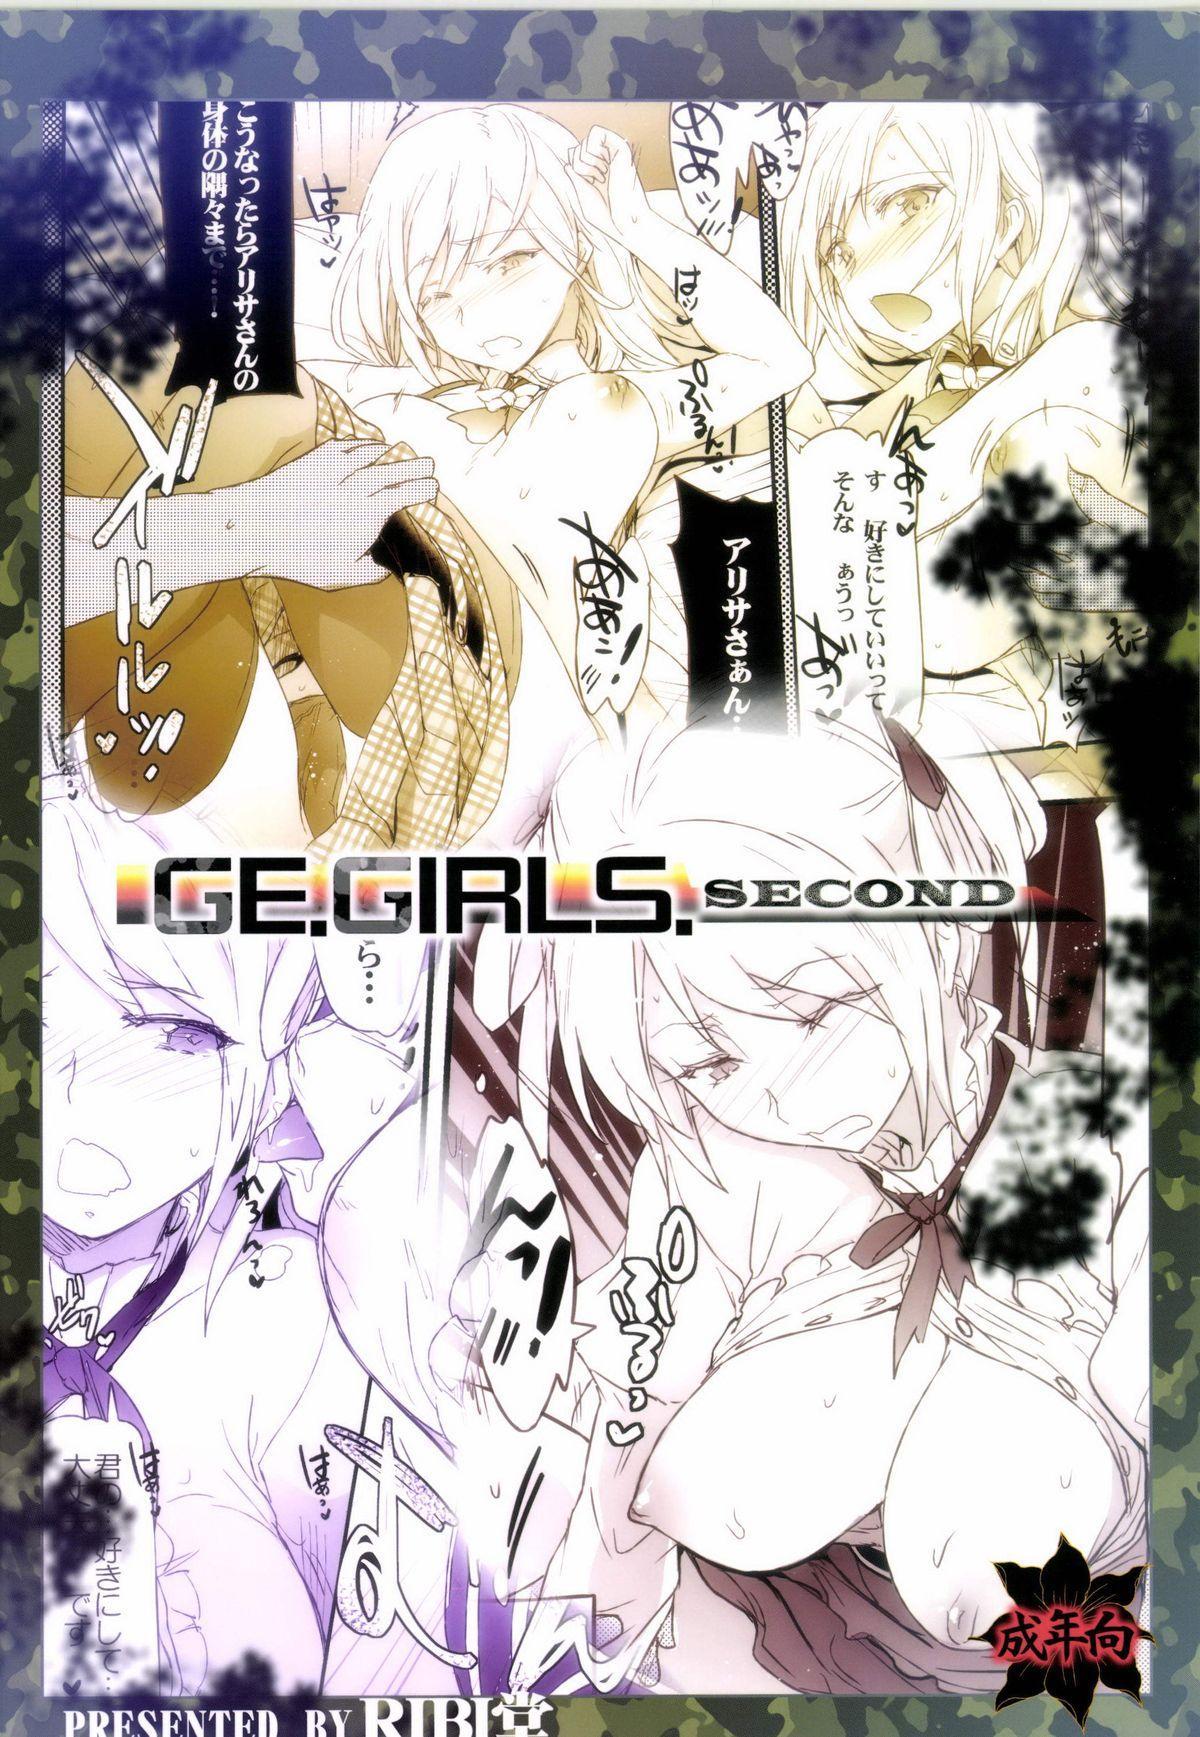 GEGIRLS SECOND 27